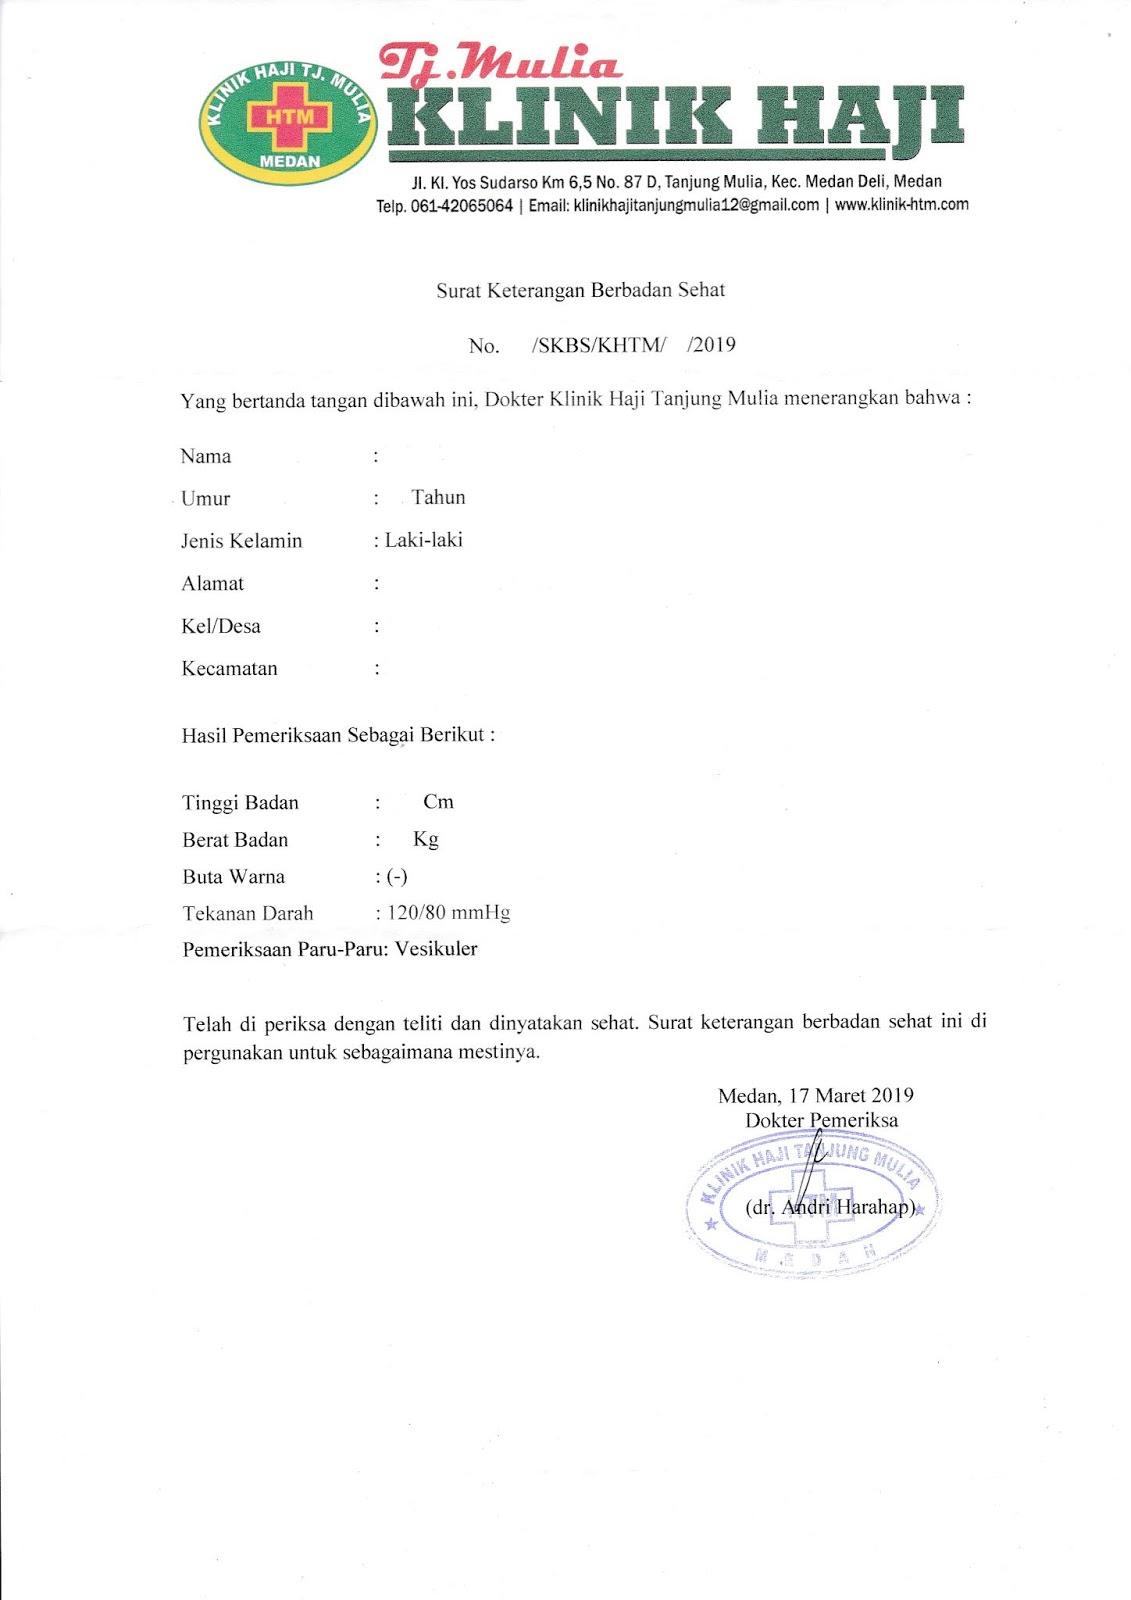 SURAT KETERANGAN BERBADAN SEHAT (Klinik Haji Tanjung Mulia ...